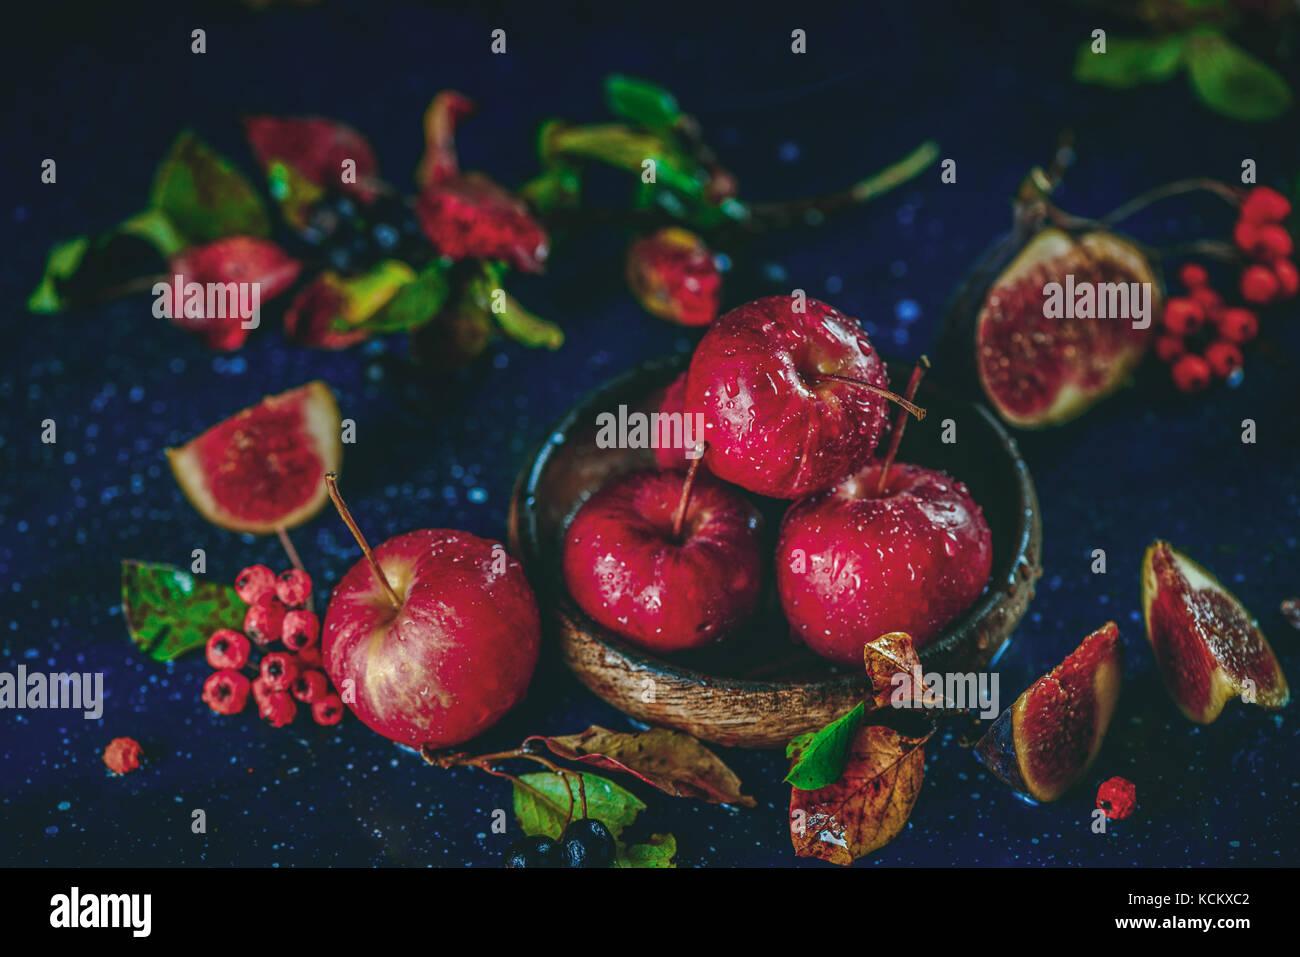 Maduras manzanas dulces en una placa de madera cerca de un otoño bodegón con hojas caídas. cosecha Imagen De Stock